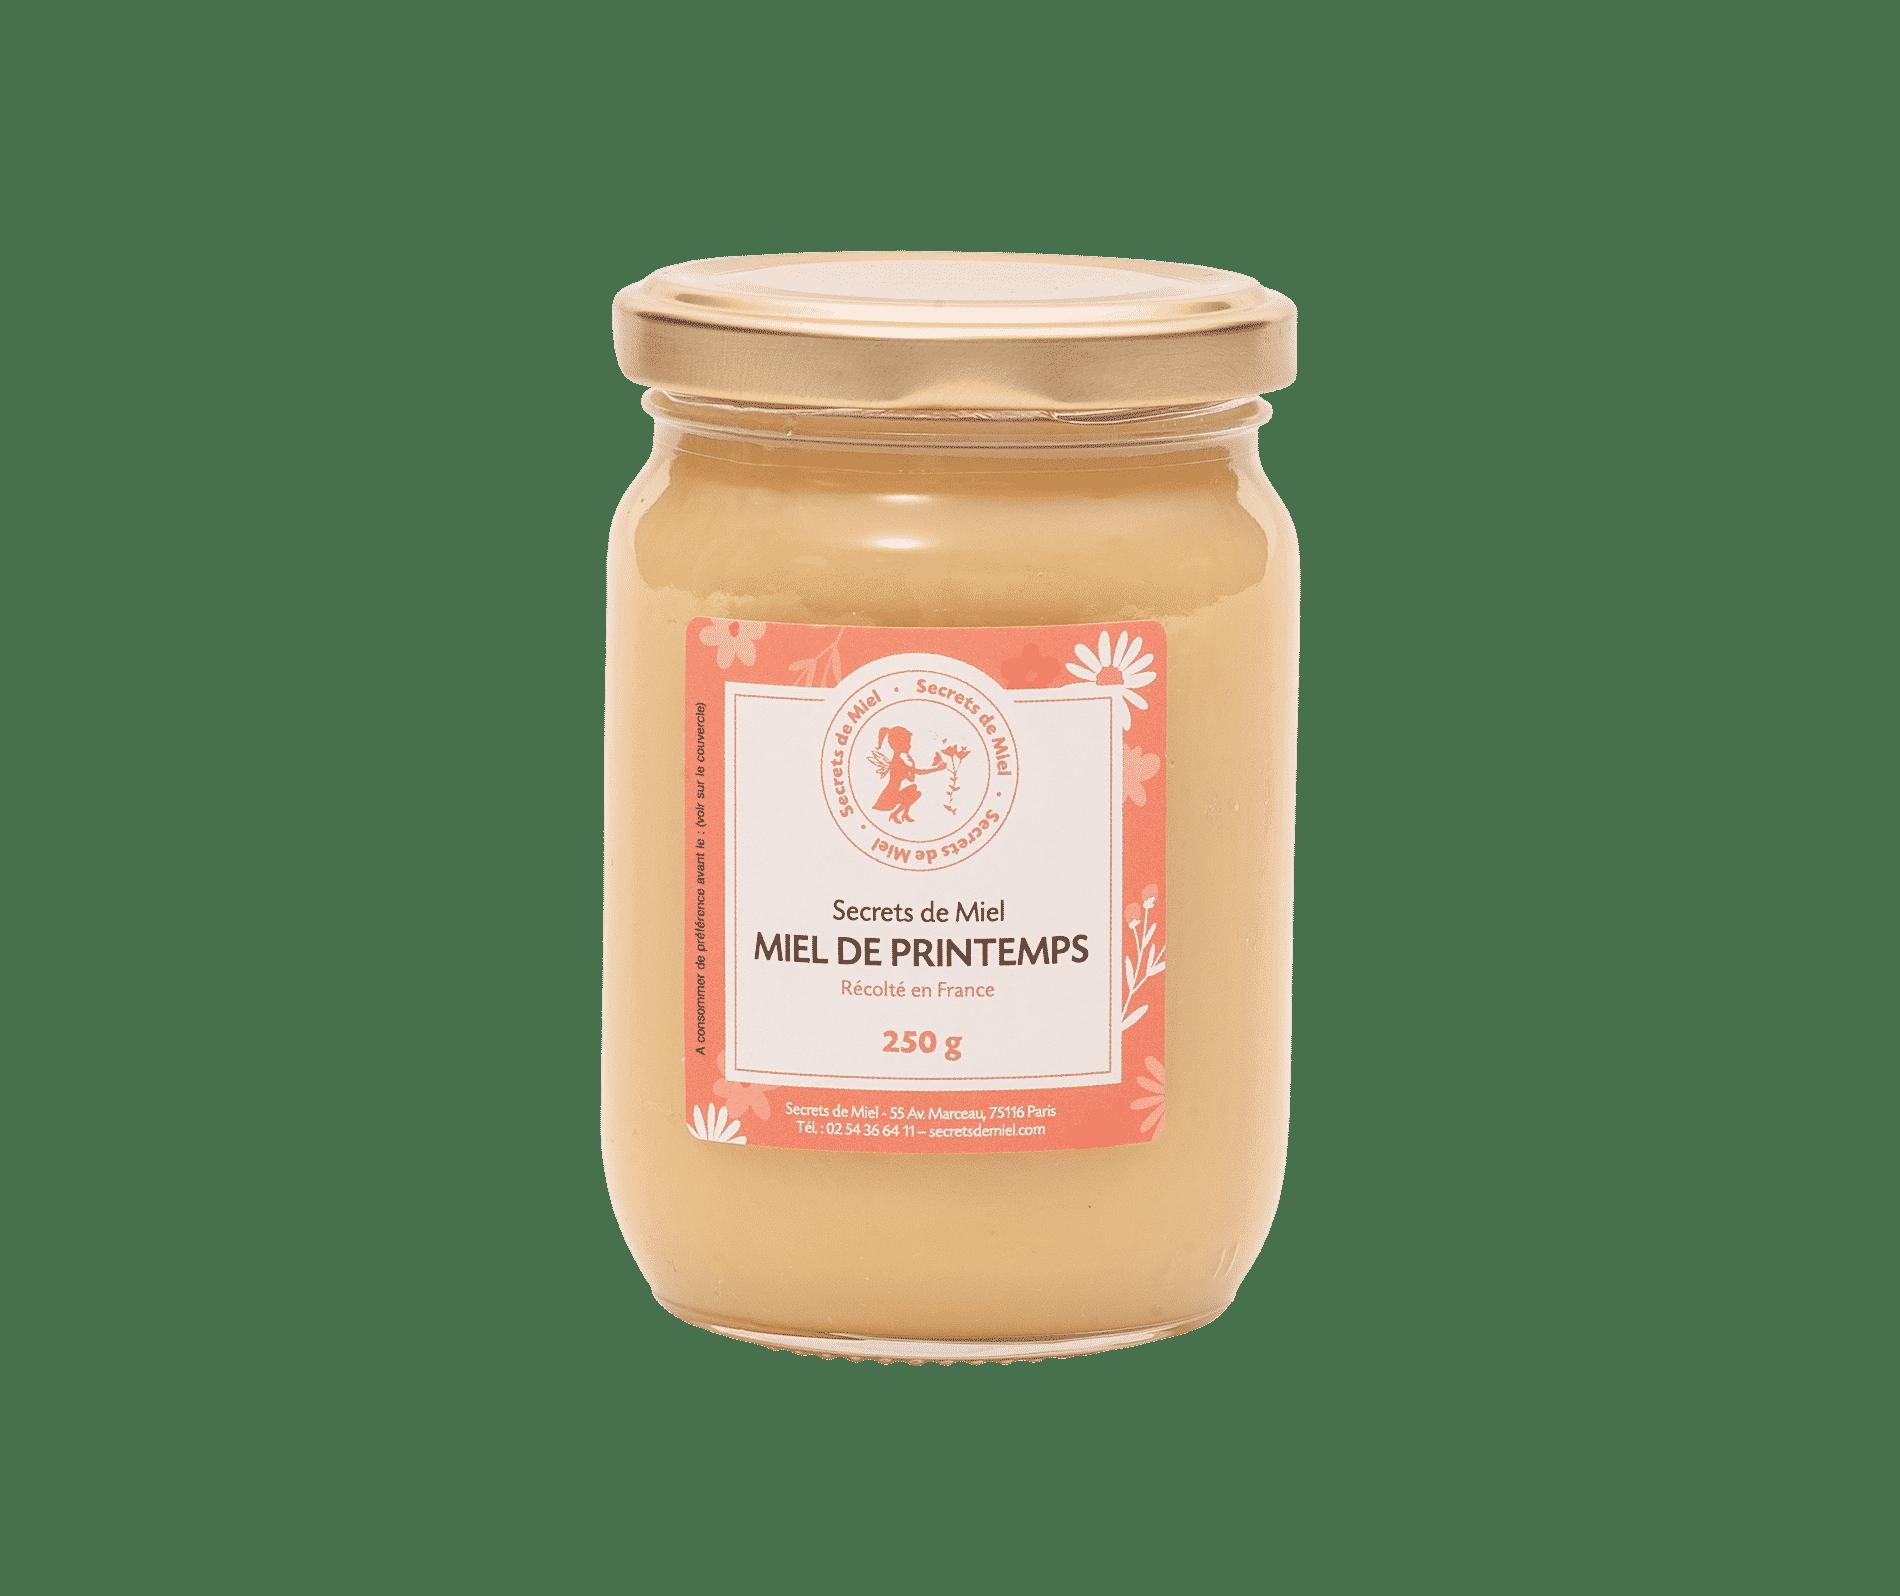 miel multifloral français - miel français - miel de Printemps - Secrets de Miel - miel doux et crémeux